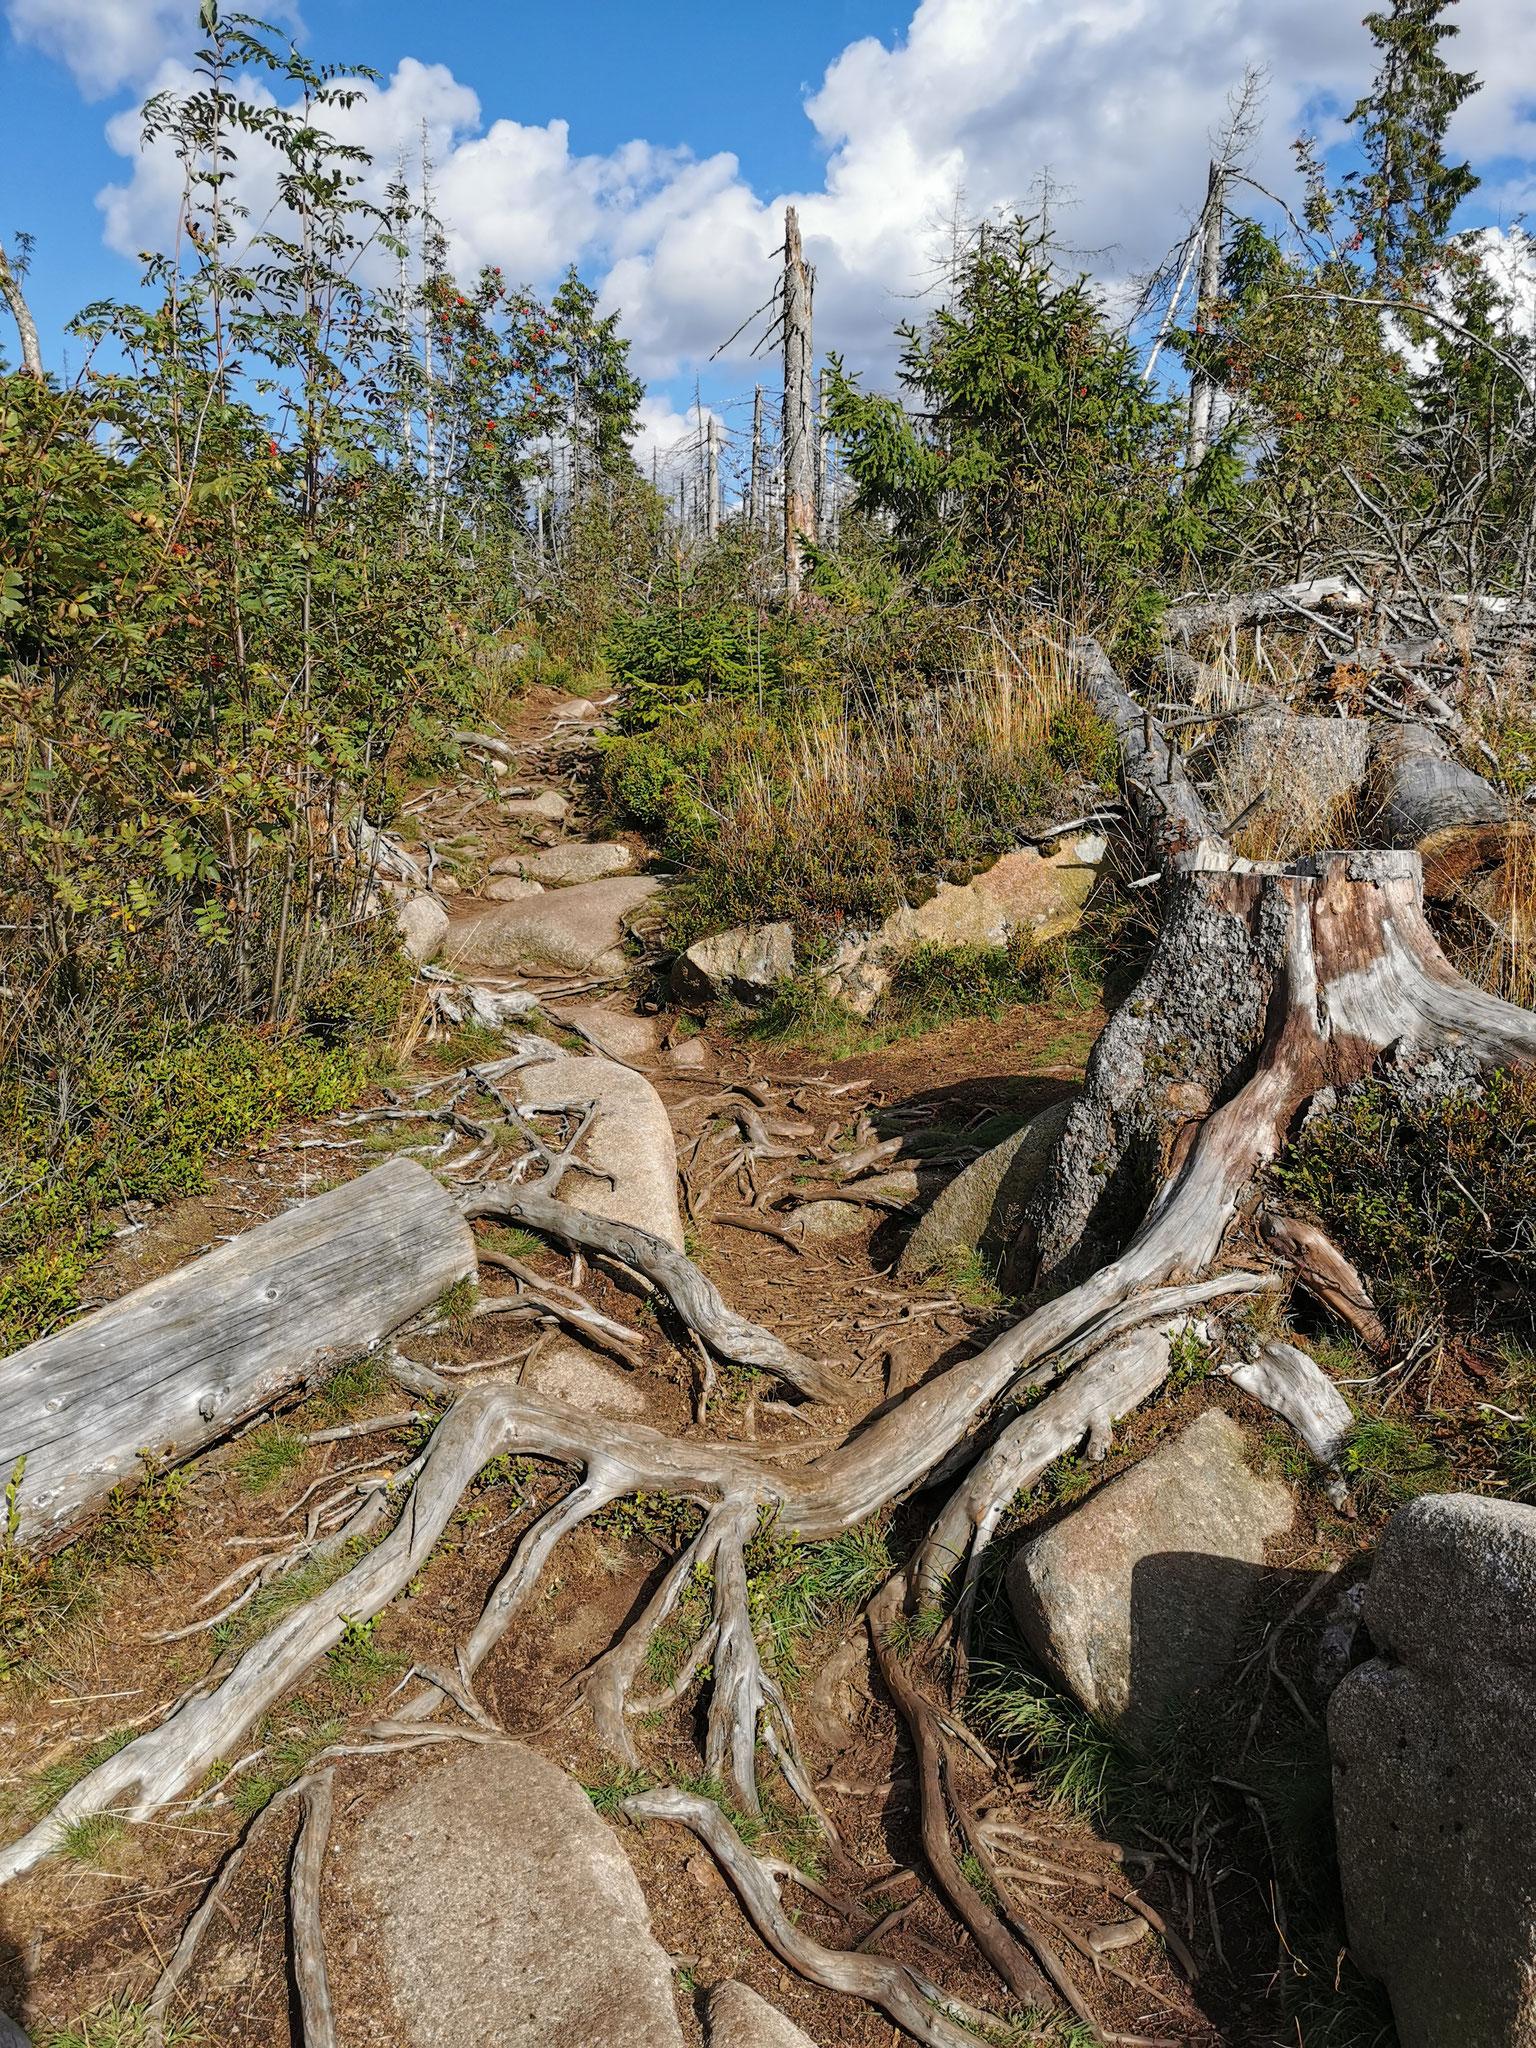 Ein Teil des Wanderweges besteht aus Steinen und Wurzeln